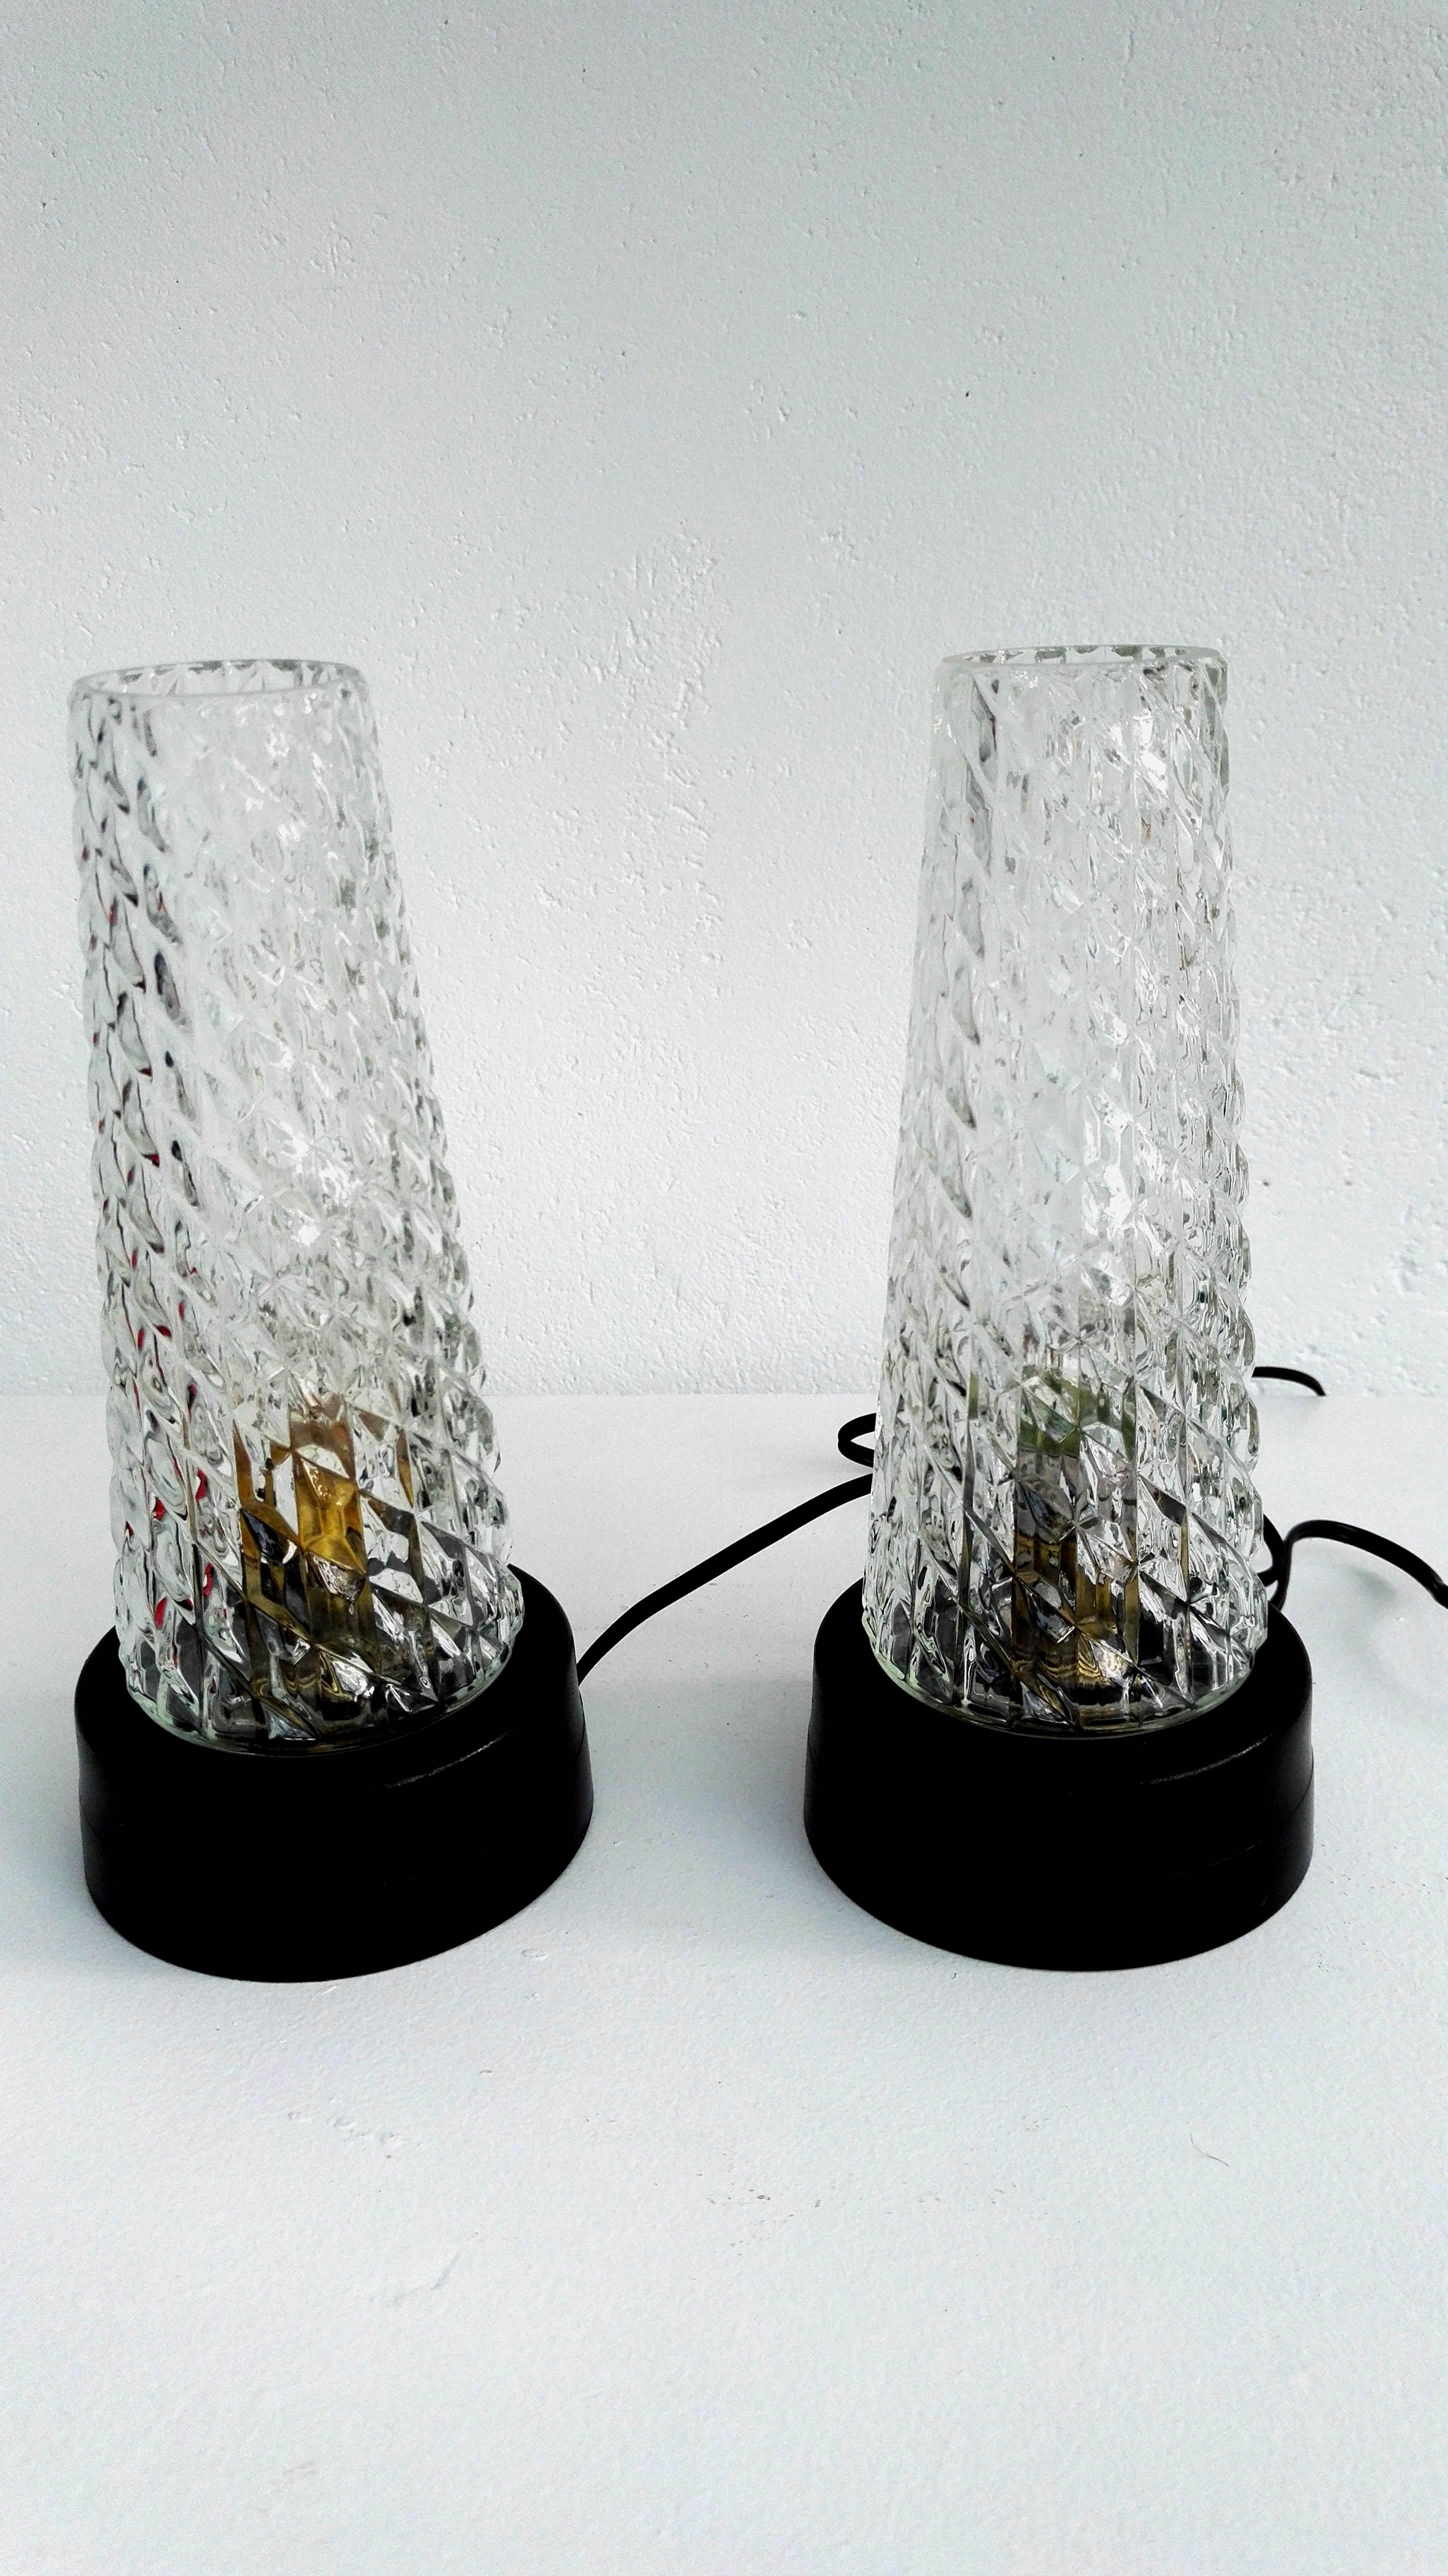 touques Vintage design luminaires lampes Zenado Mimi Factory deauville rodxBeWQC